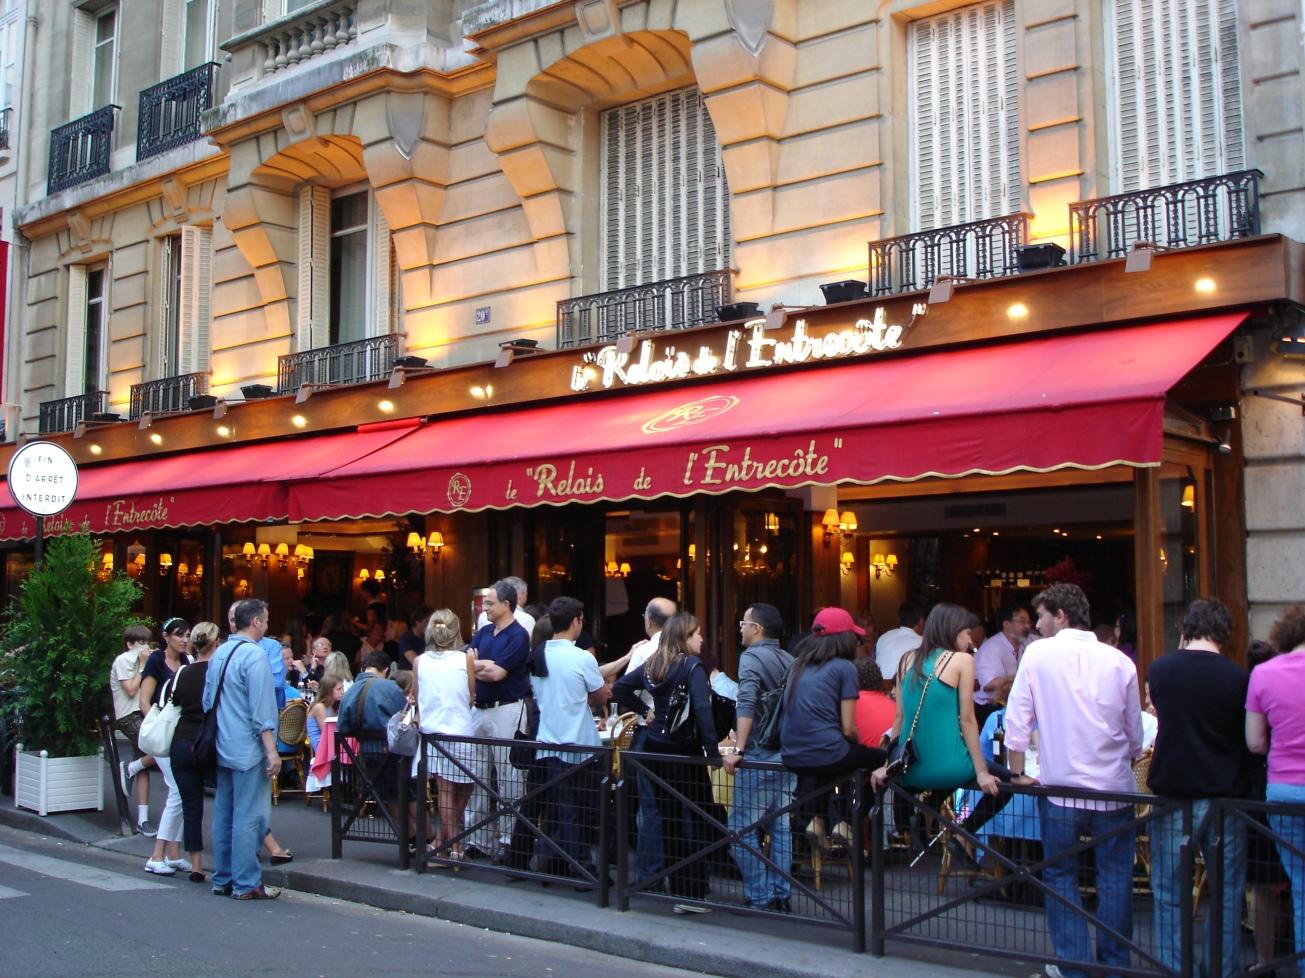 Le_Relais_de_l'Entrecote_(St_Germain_Paris_VIe)_2009-06-13